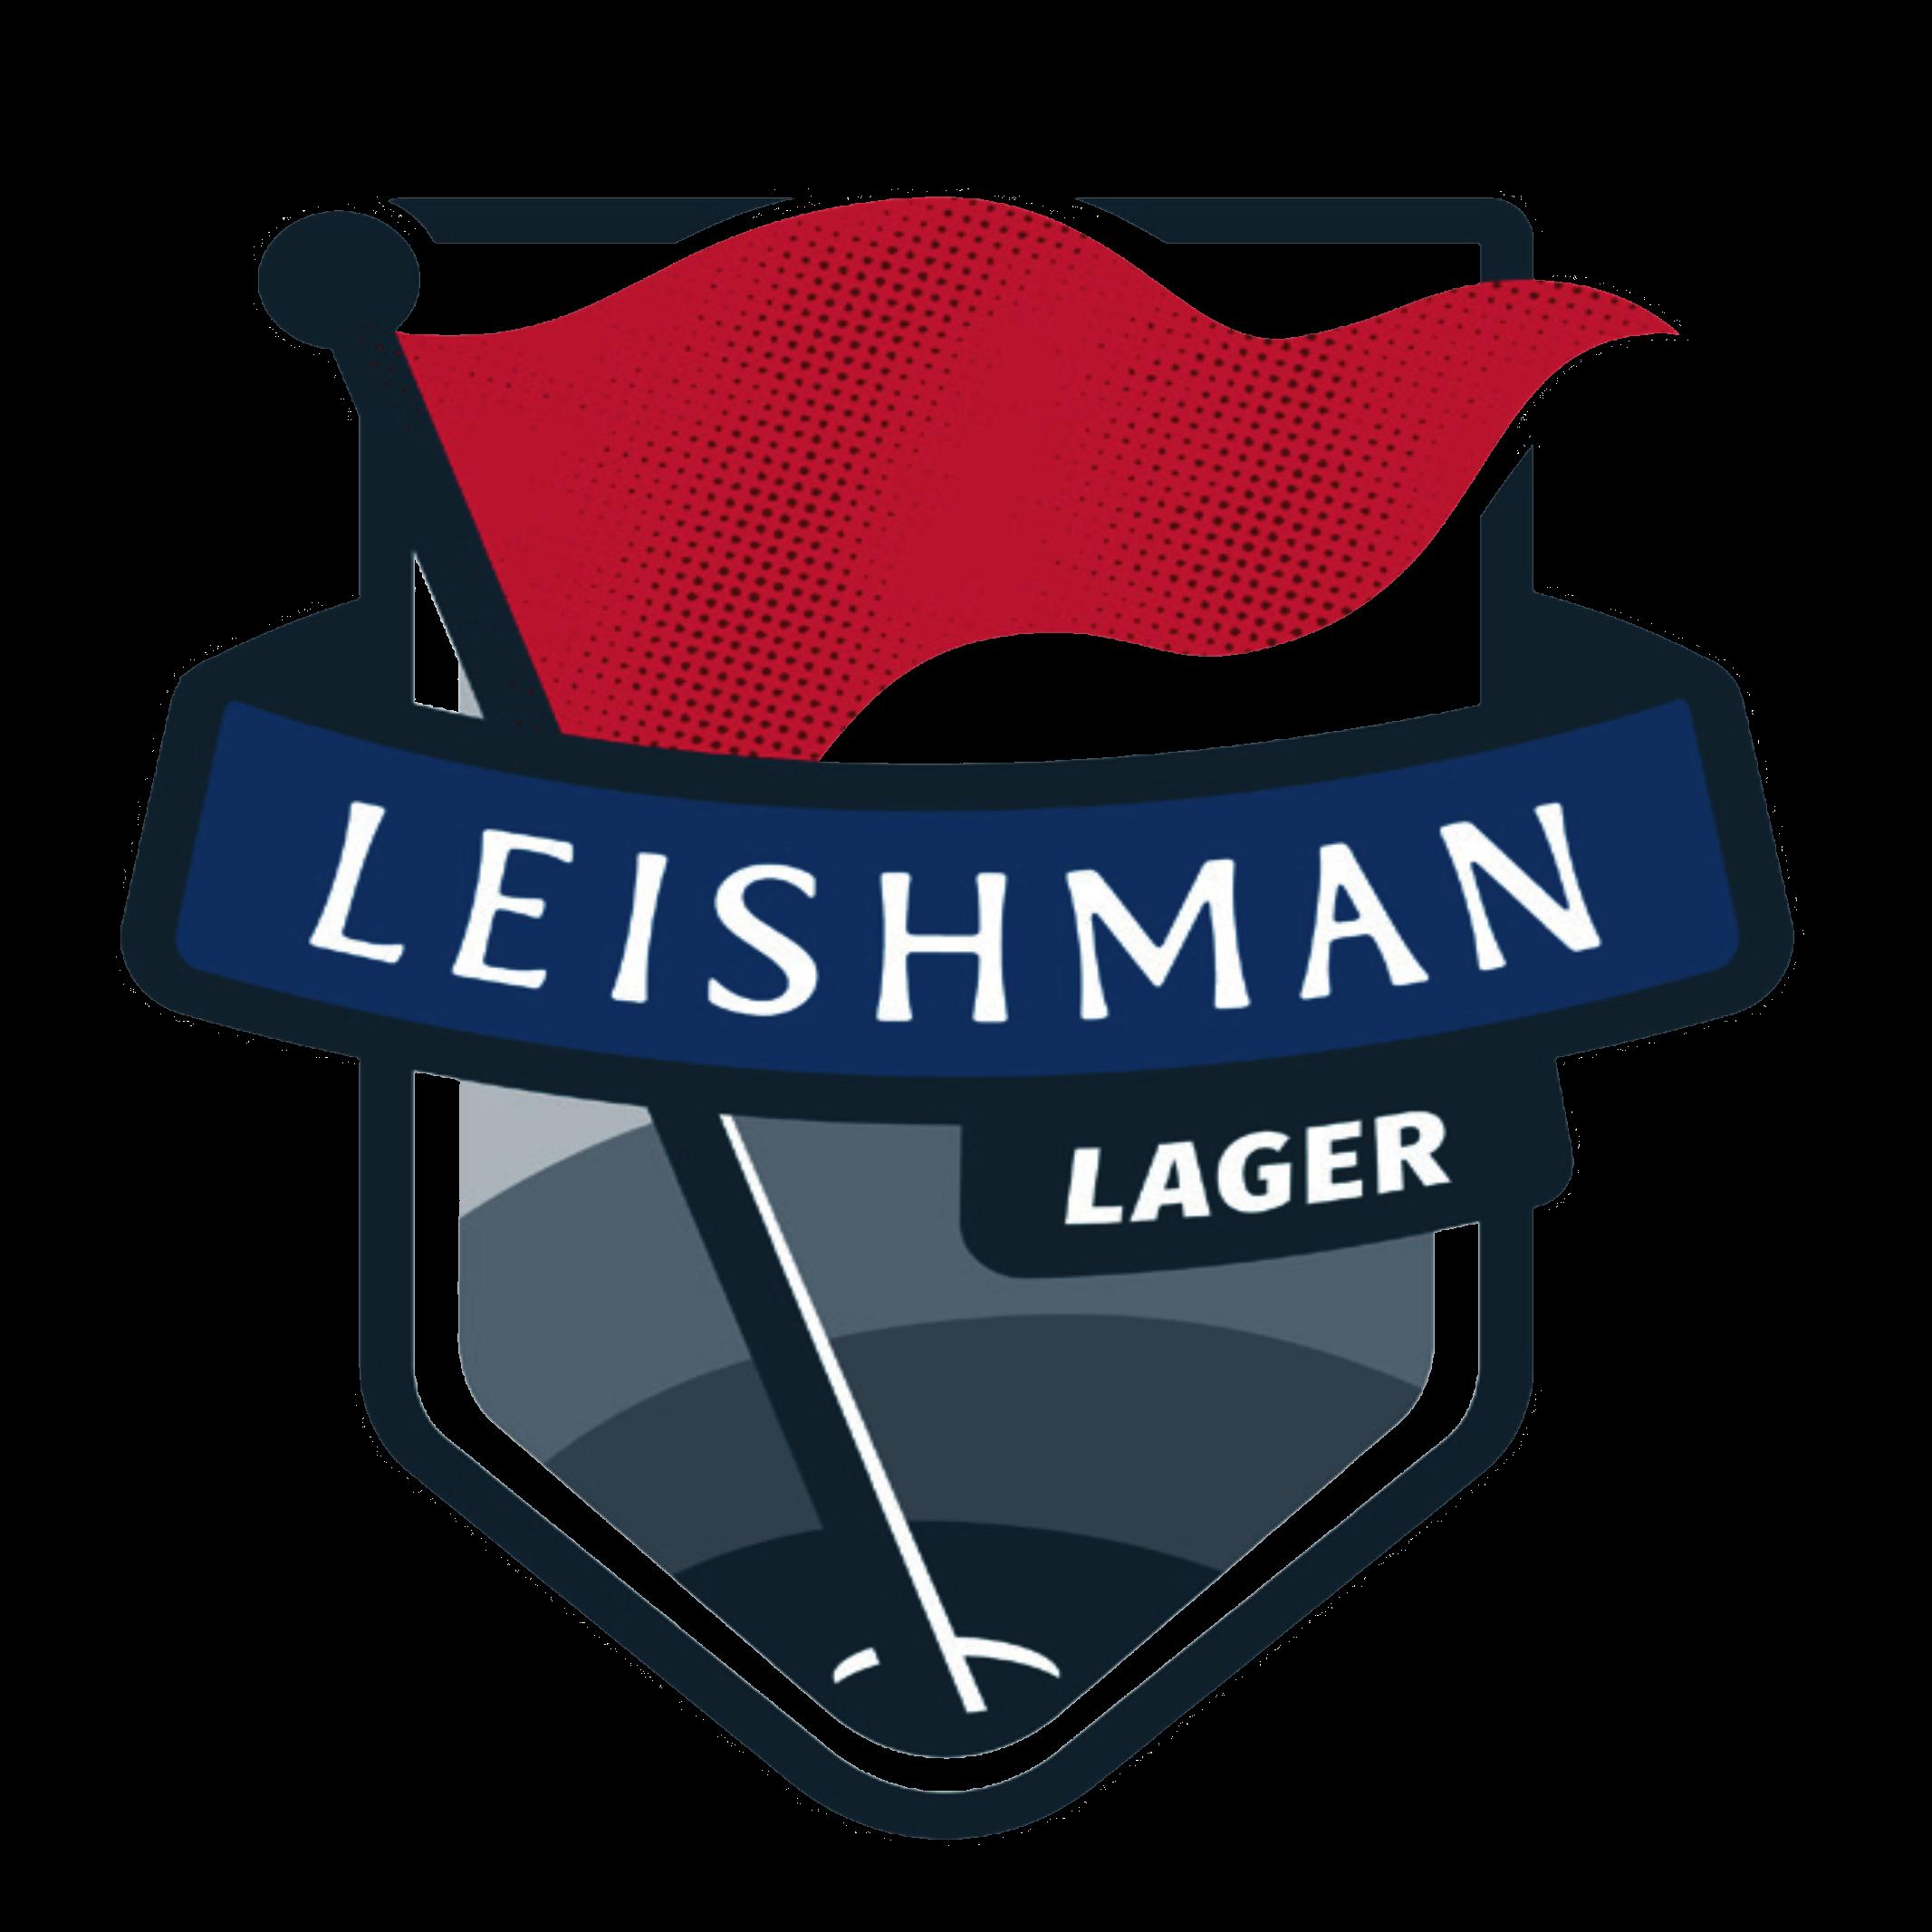 Leishman lager